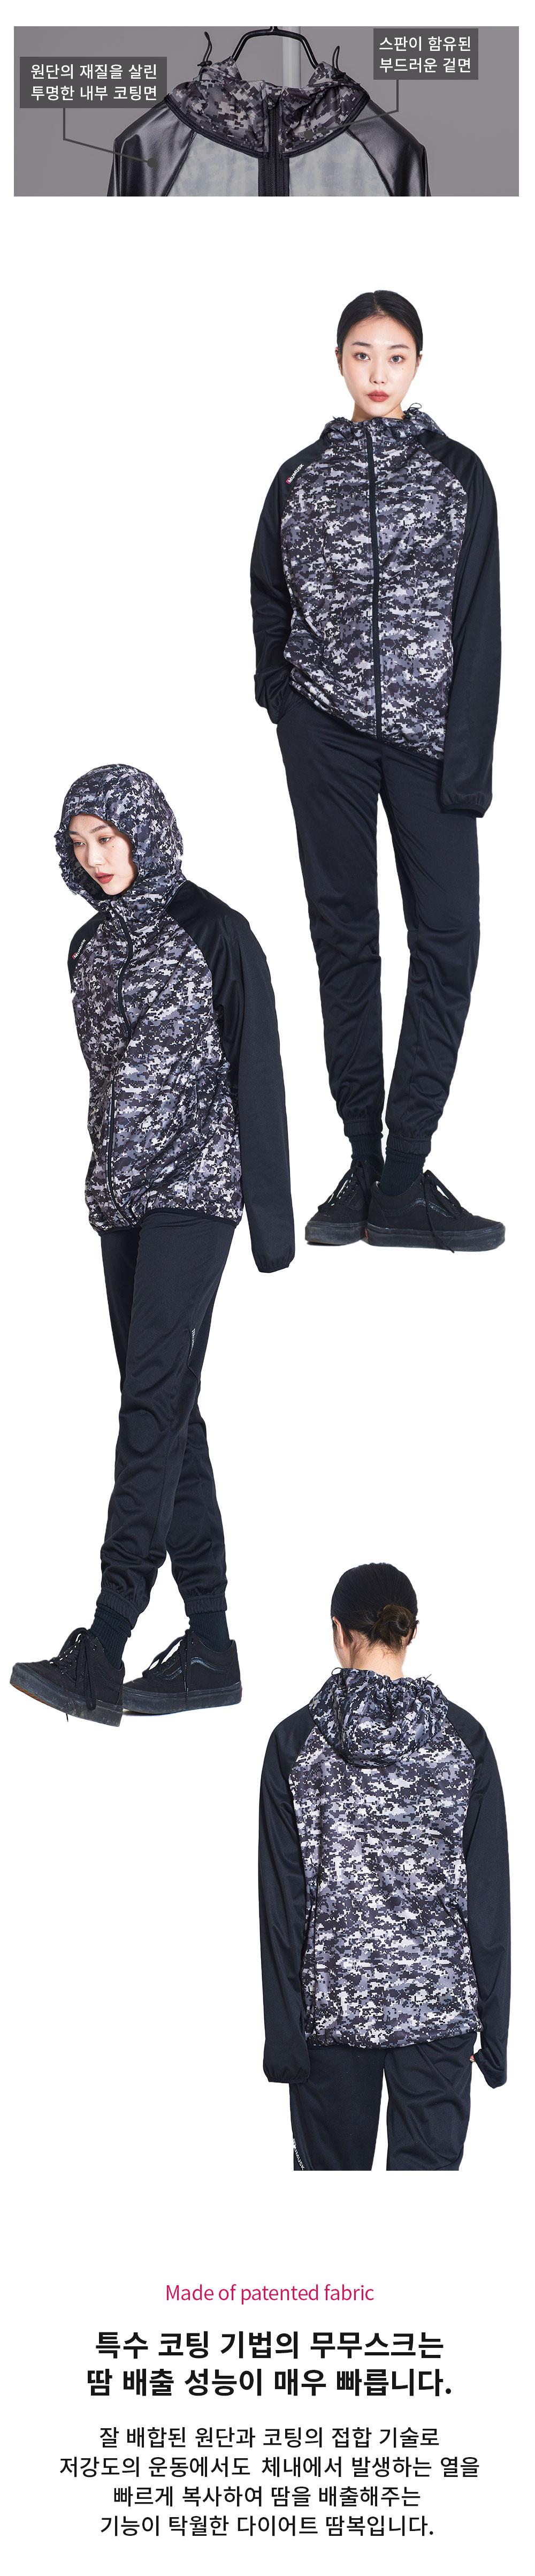 무무스크(MUMUSK) 여자 땀복 밀리터리 클락 후디 자켓